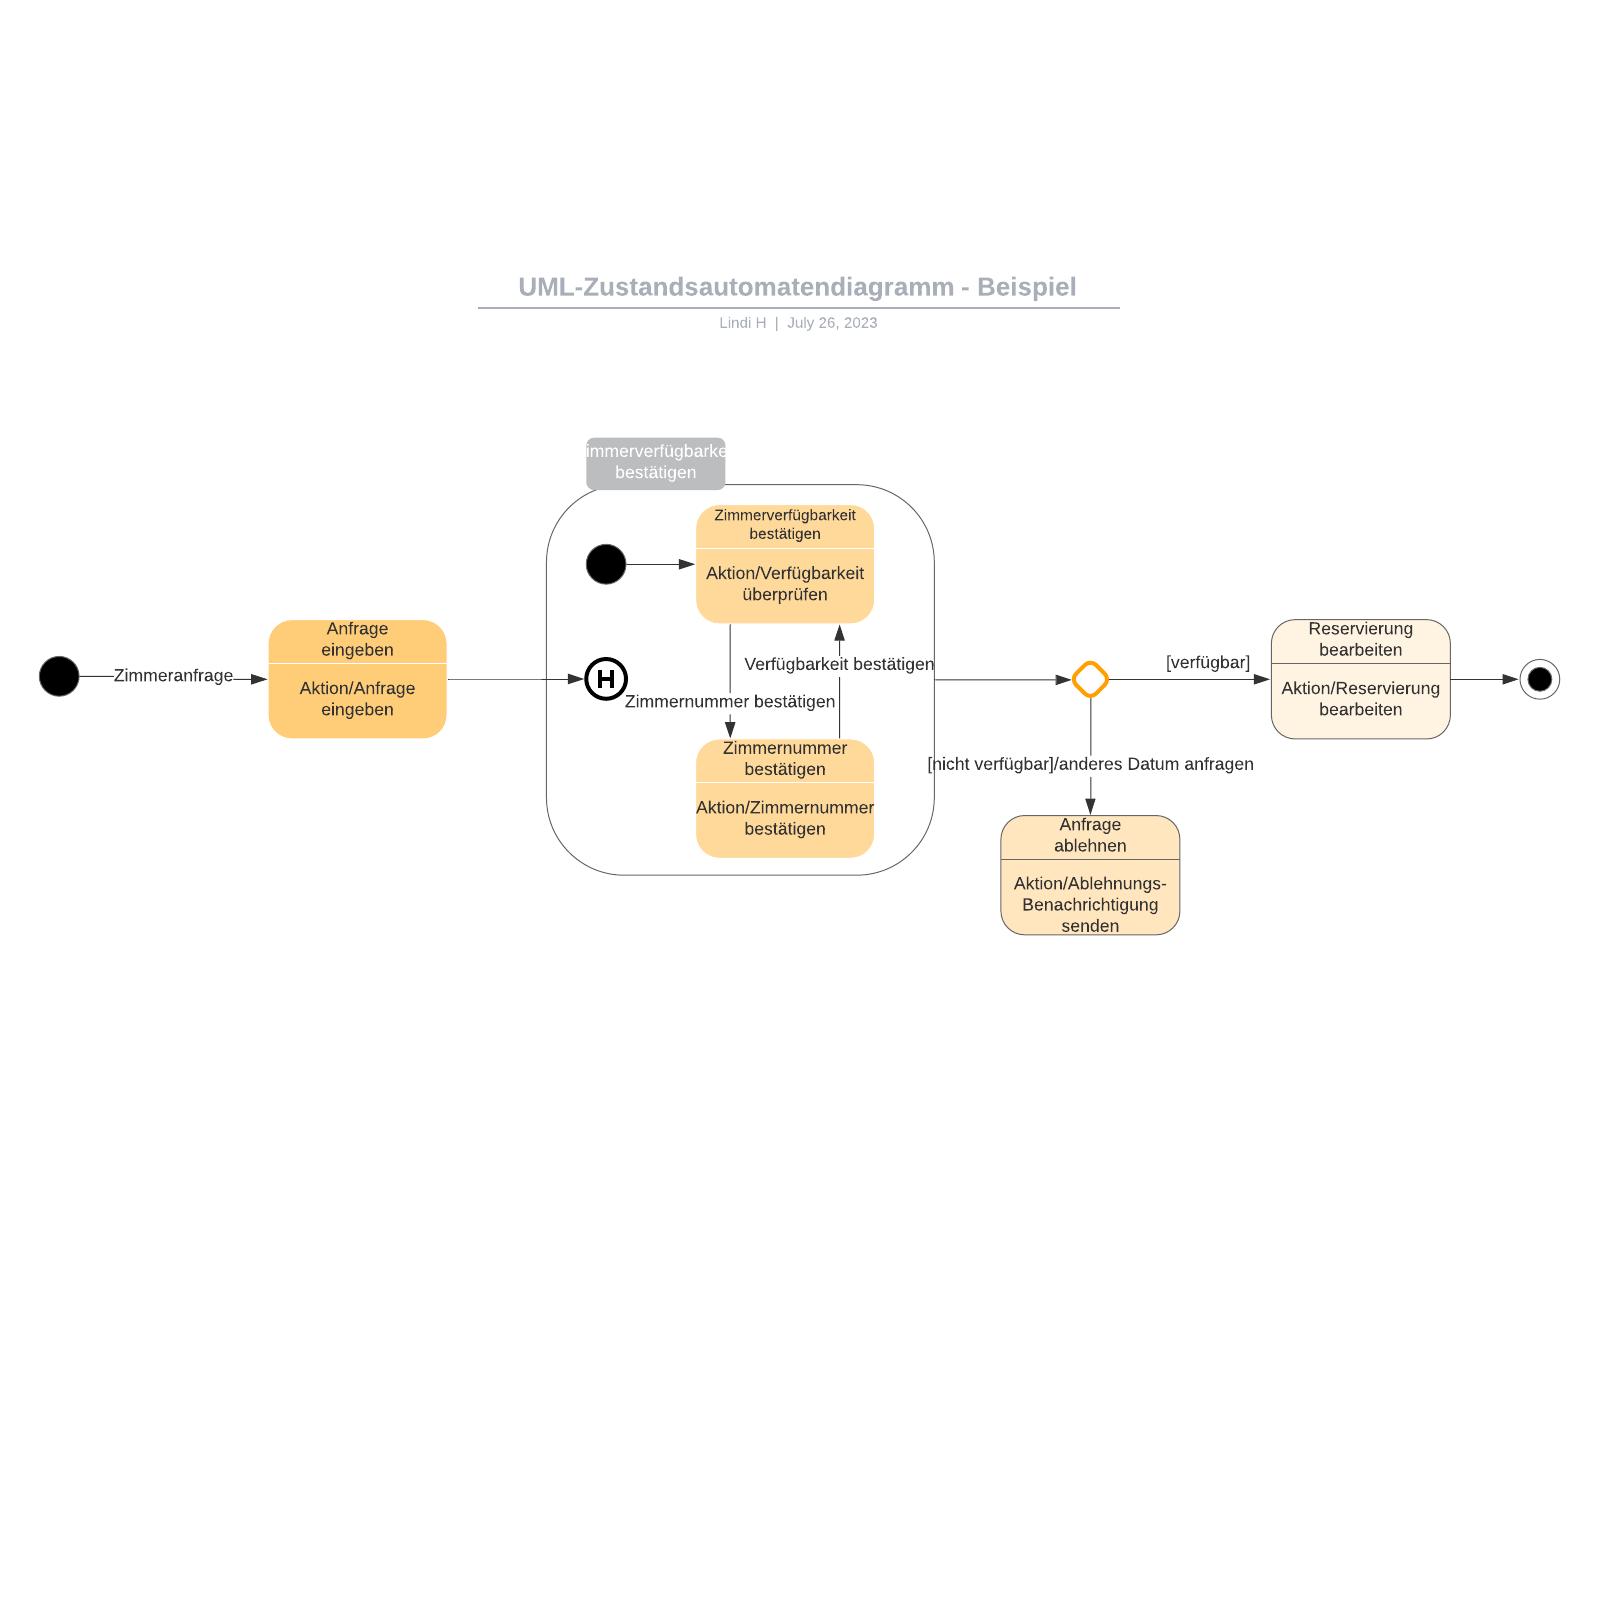 UML-Zustandsautomatendiagramm - Beispiel